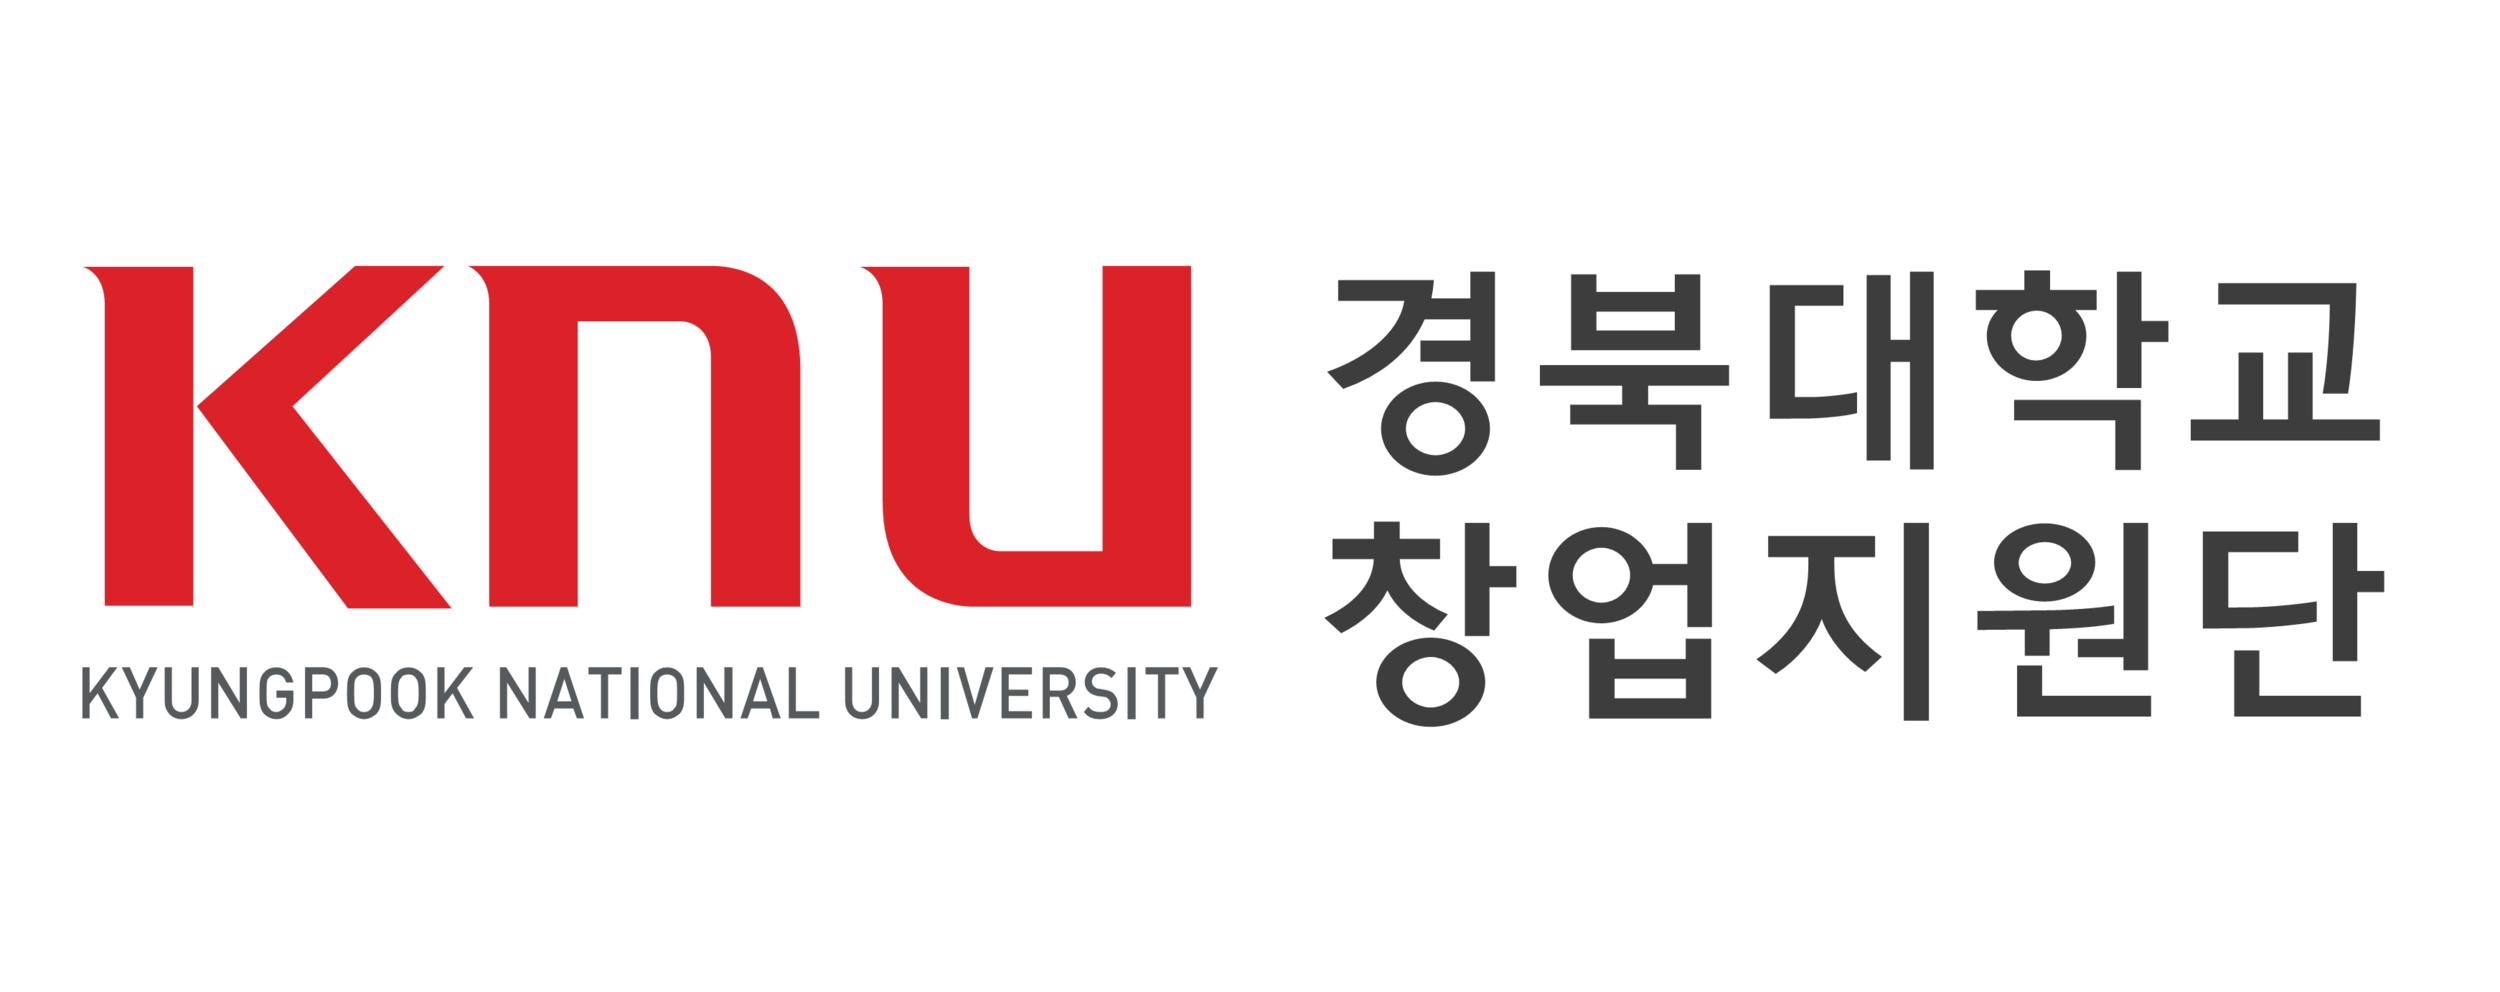 KNU_logo.png